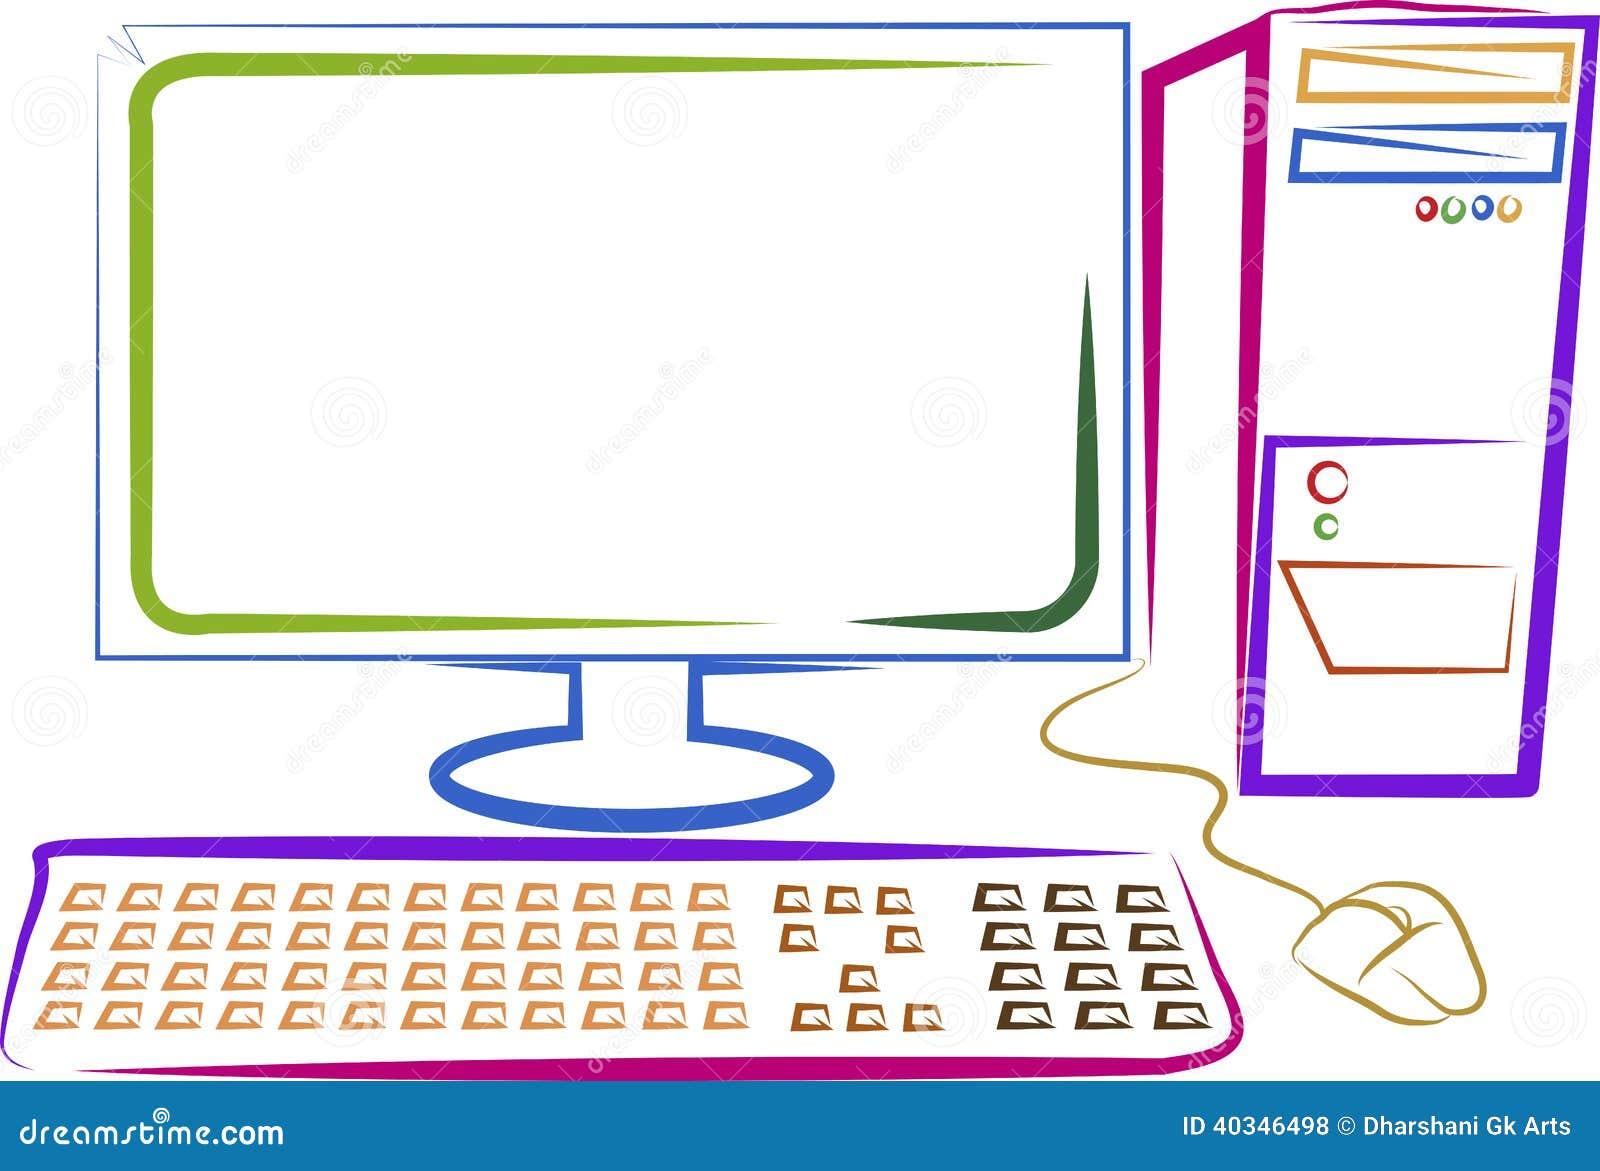 Art Computer Stock Vector Image 40346498